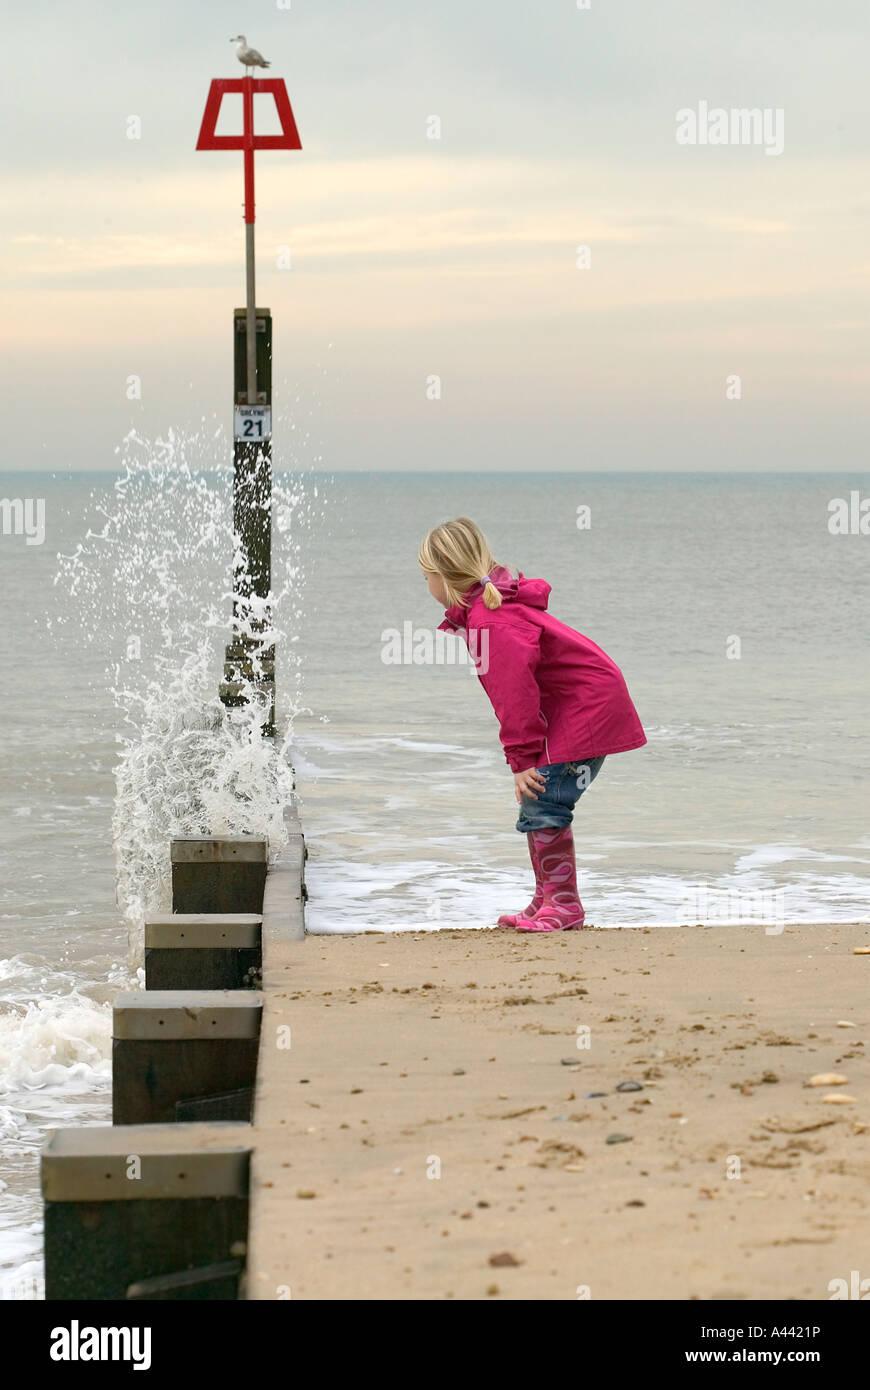 Giovane ragazza a guardare come le onde infrangersi contro la parete della marea Immagini Stock